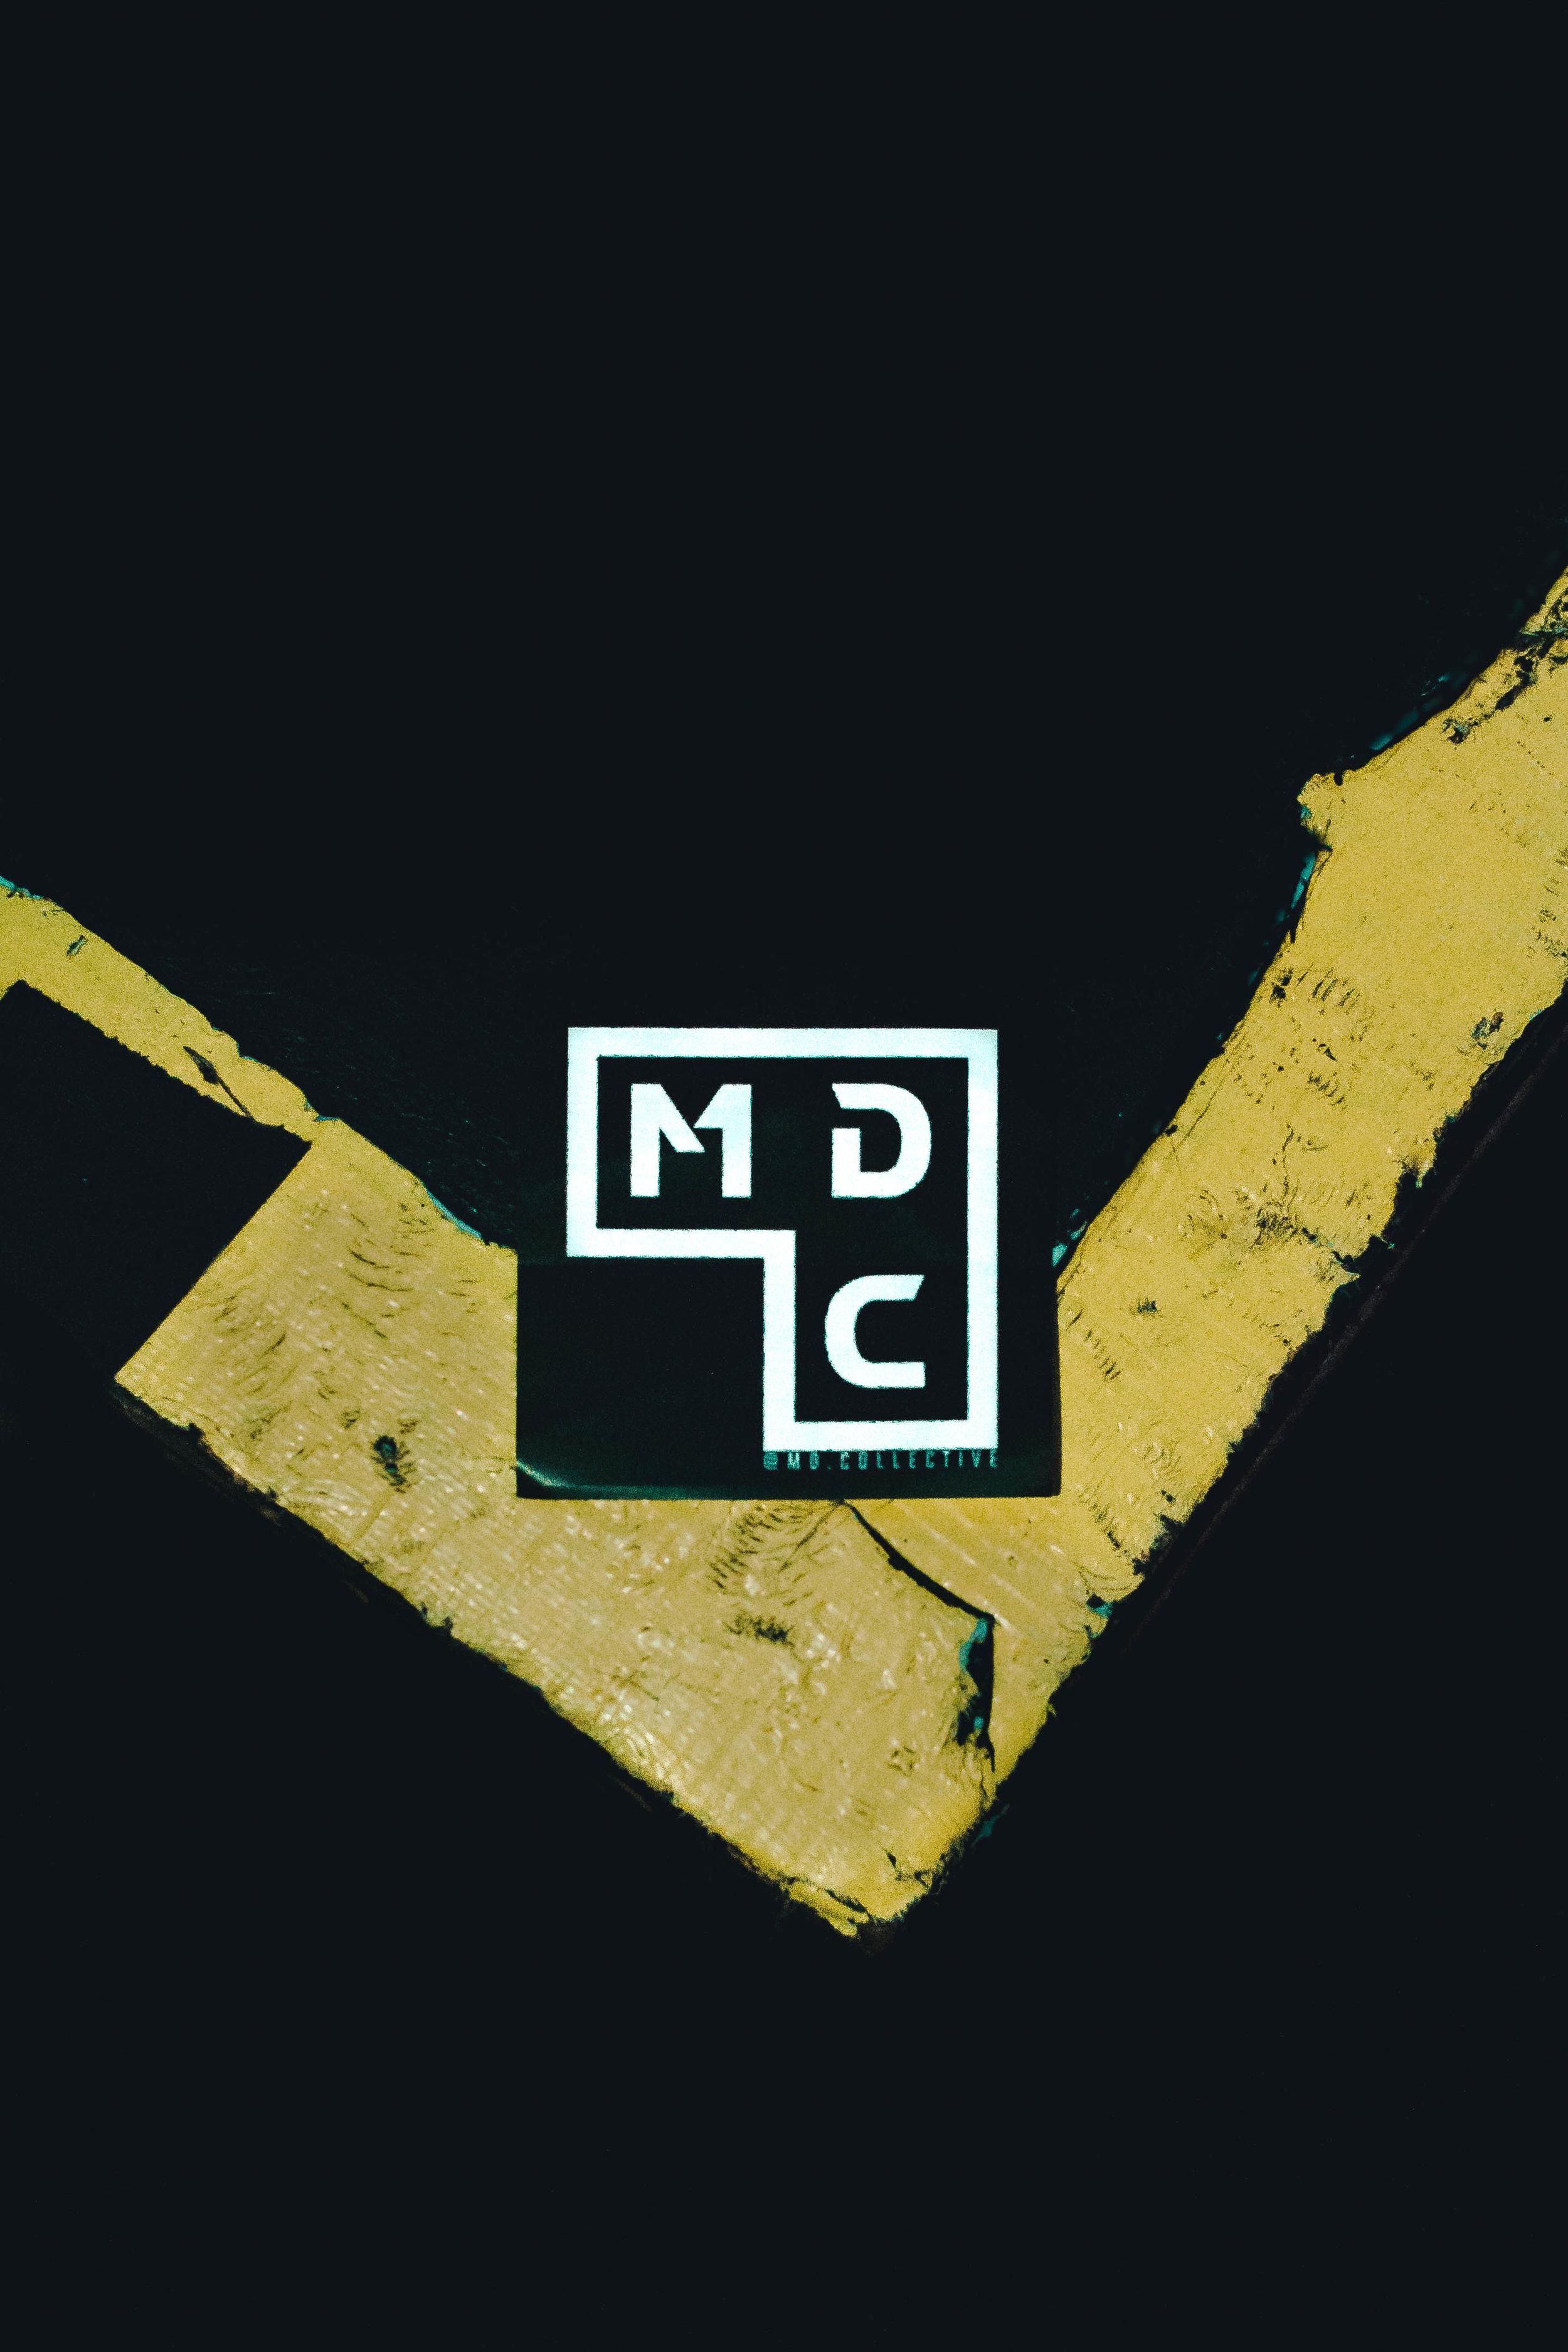 _MG_1627.jpg